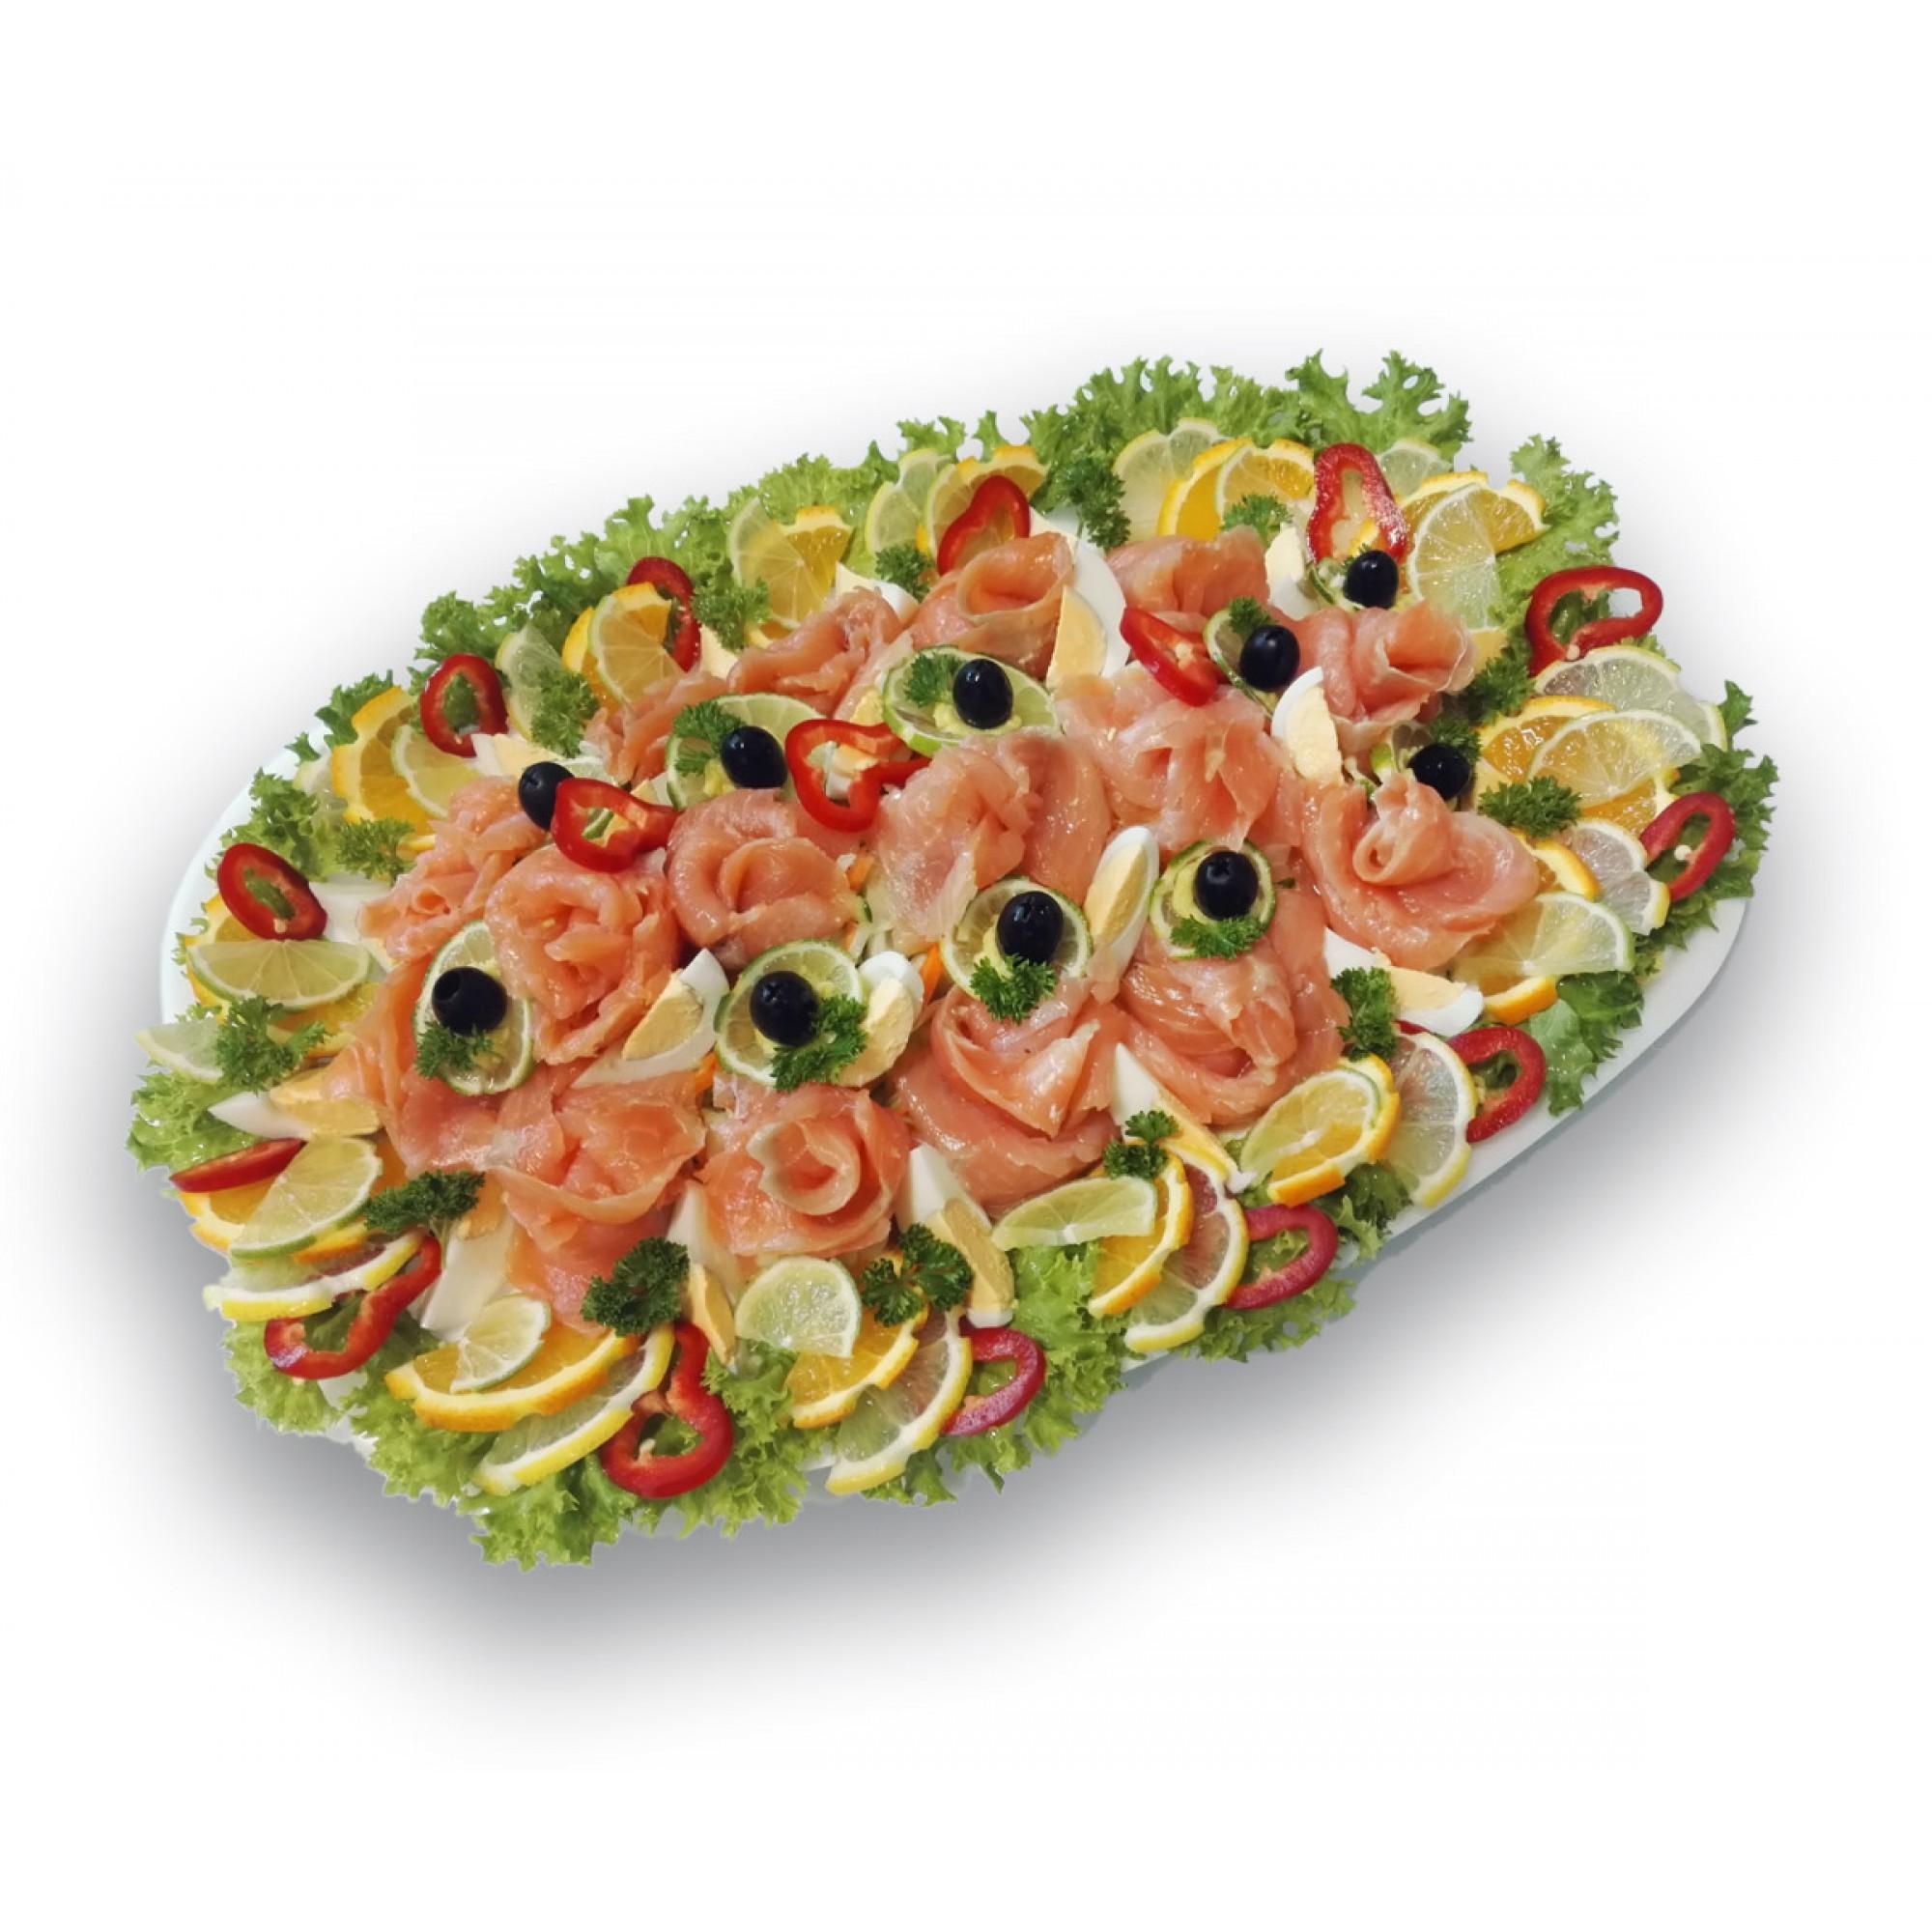 Füstölt lazacrózsák friss salátaágyon  (5 FŐS TÁL ÁRA 11.430 FT)